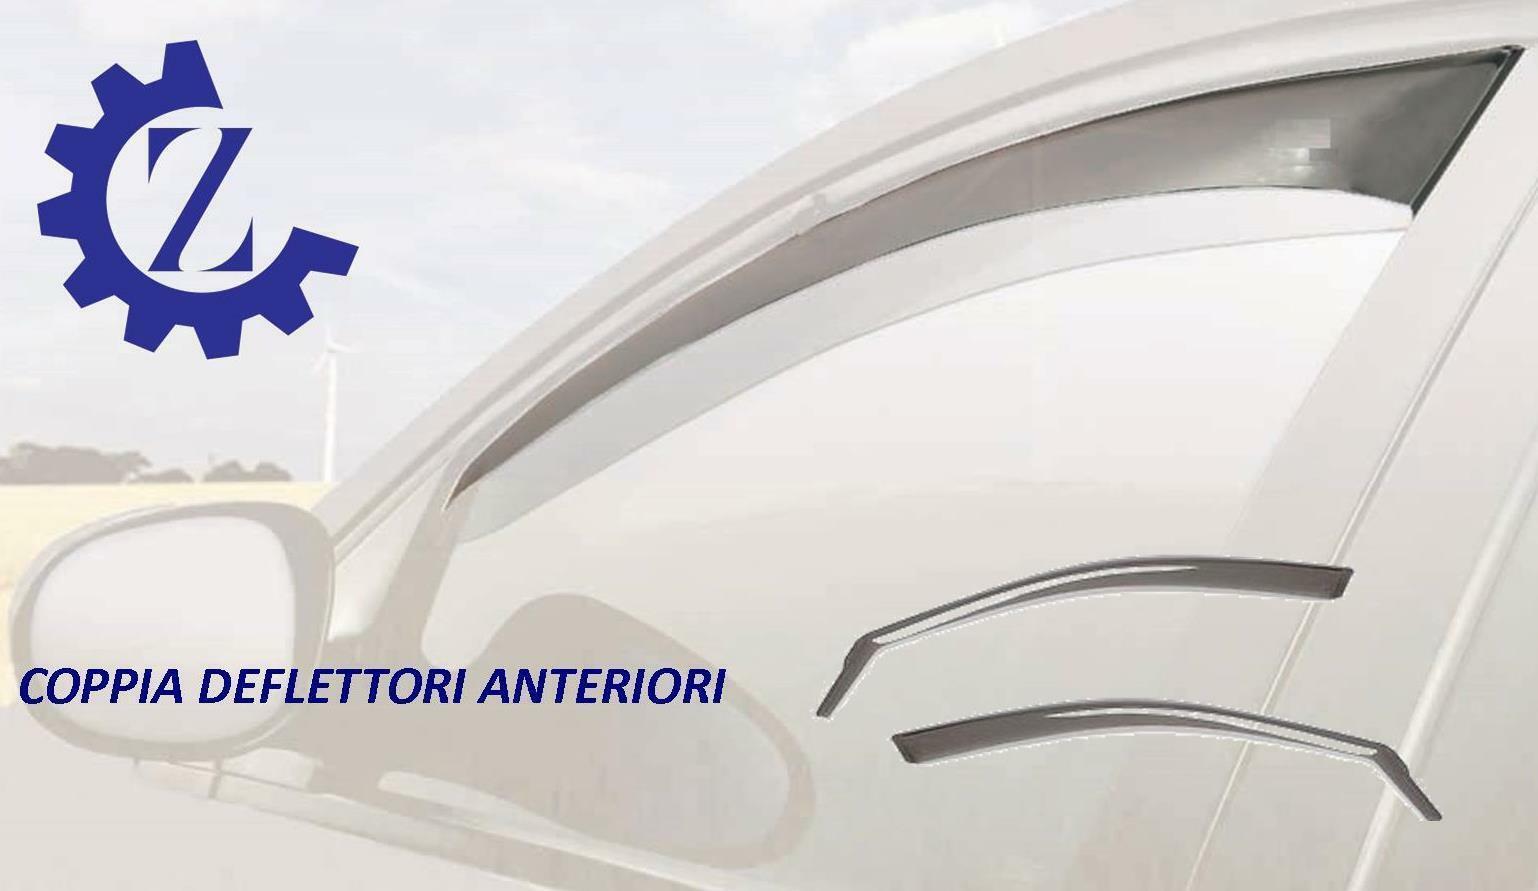 DEFLETTORI ARIA ANTITURBO PER PEUGEOT 206